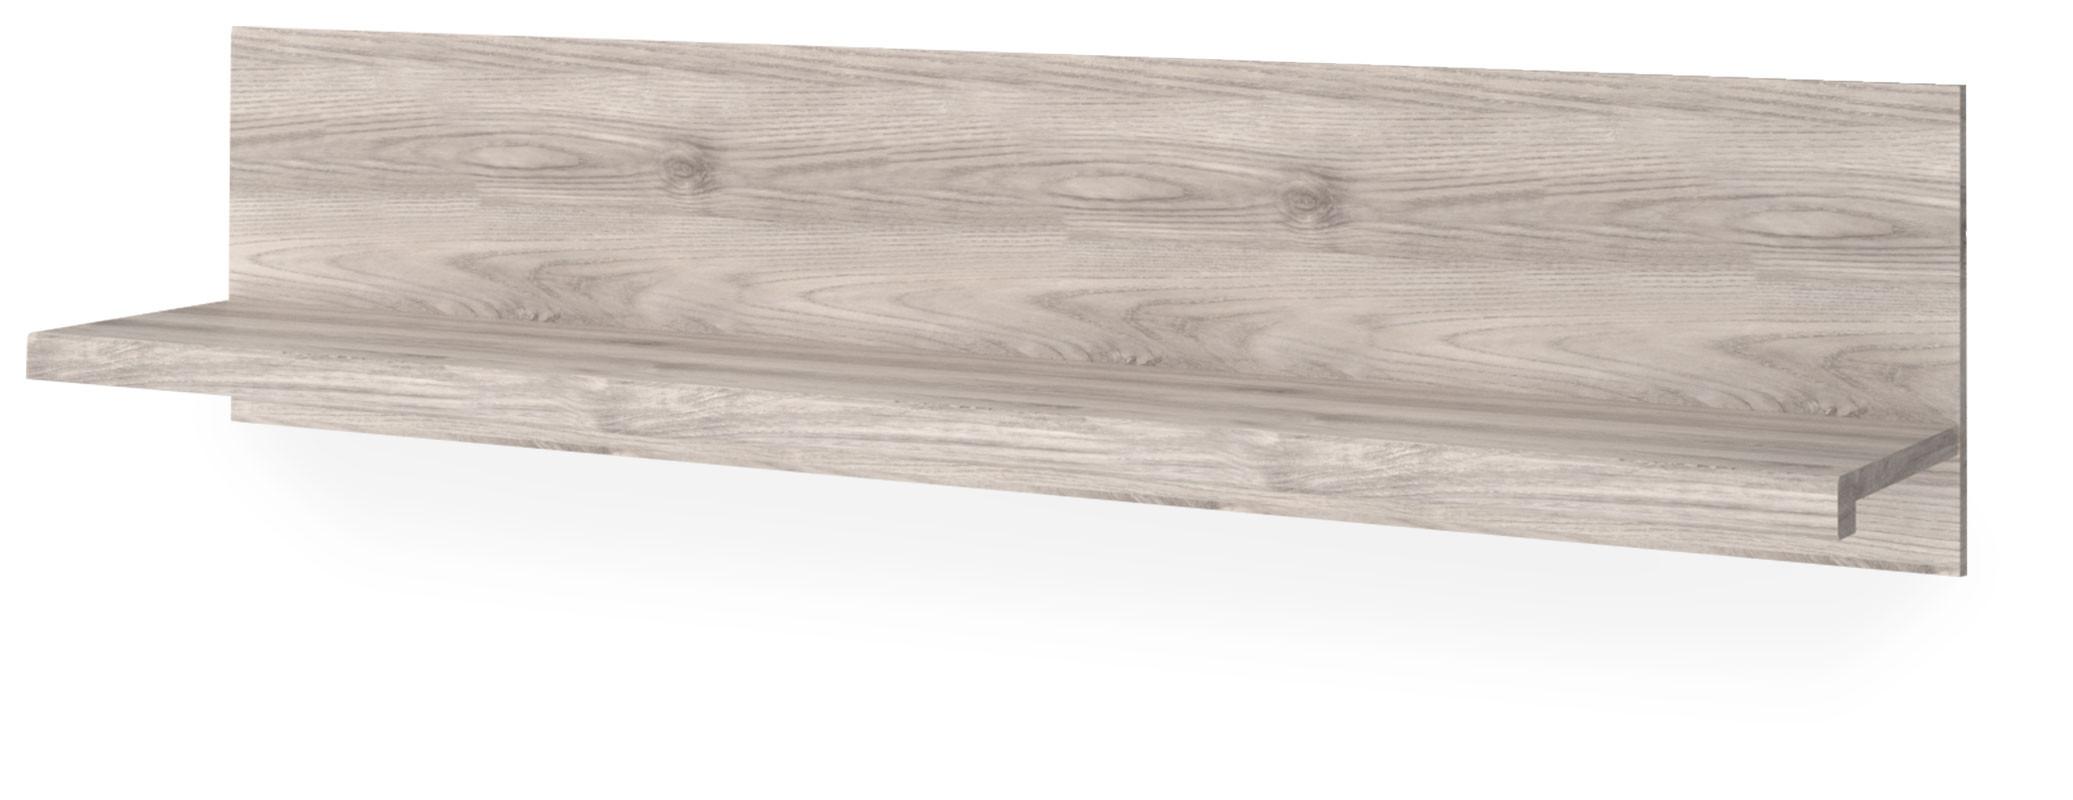 Półka Axer 120